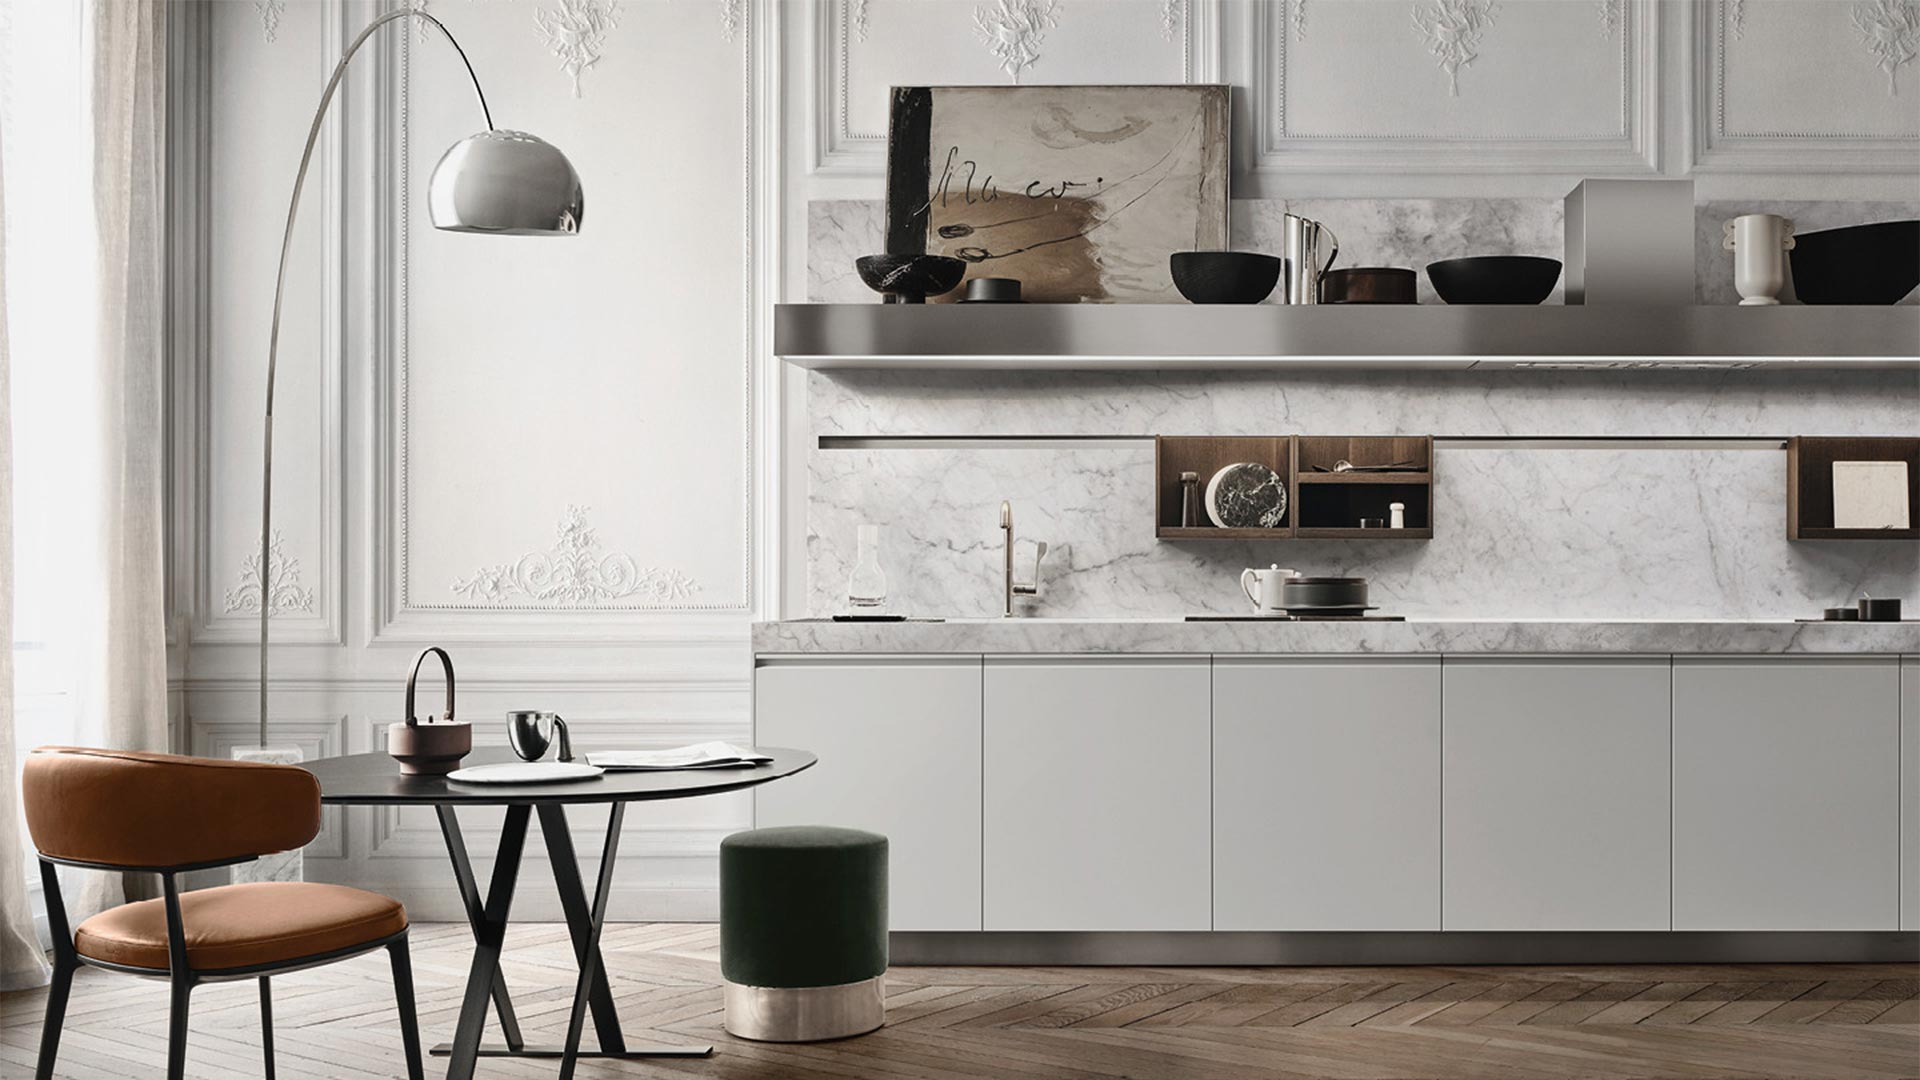 Arclinea Küche Beta in Berlin bei steidten+